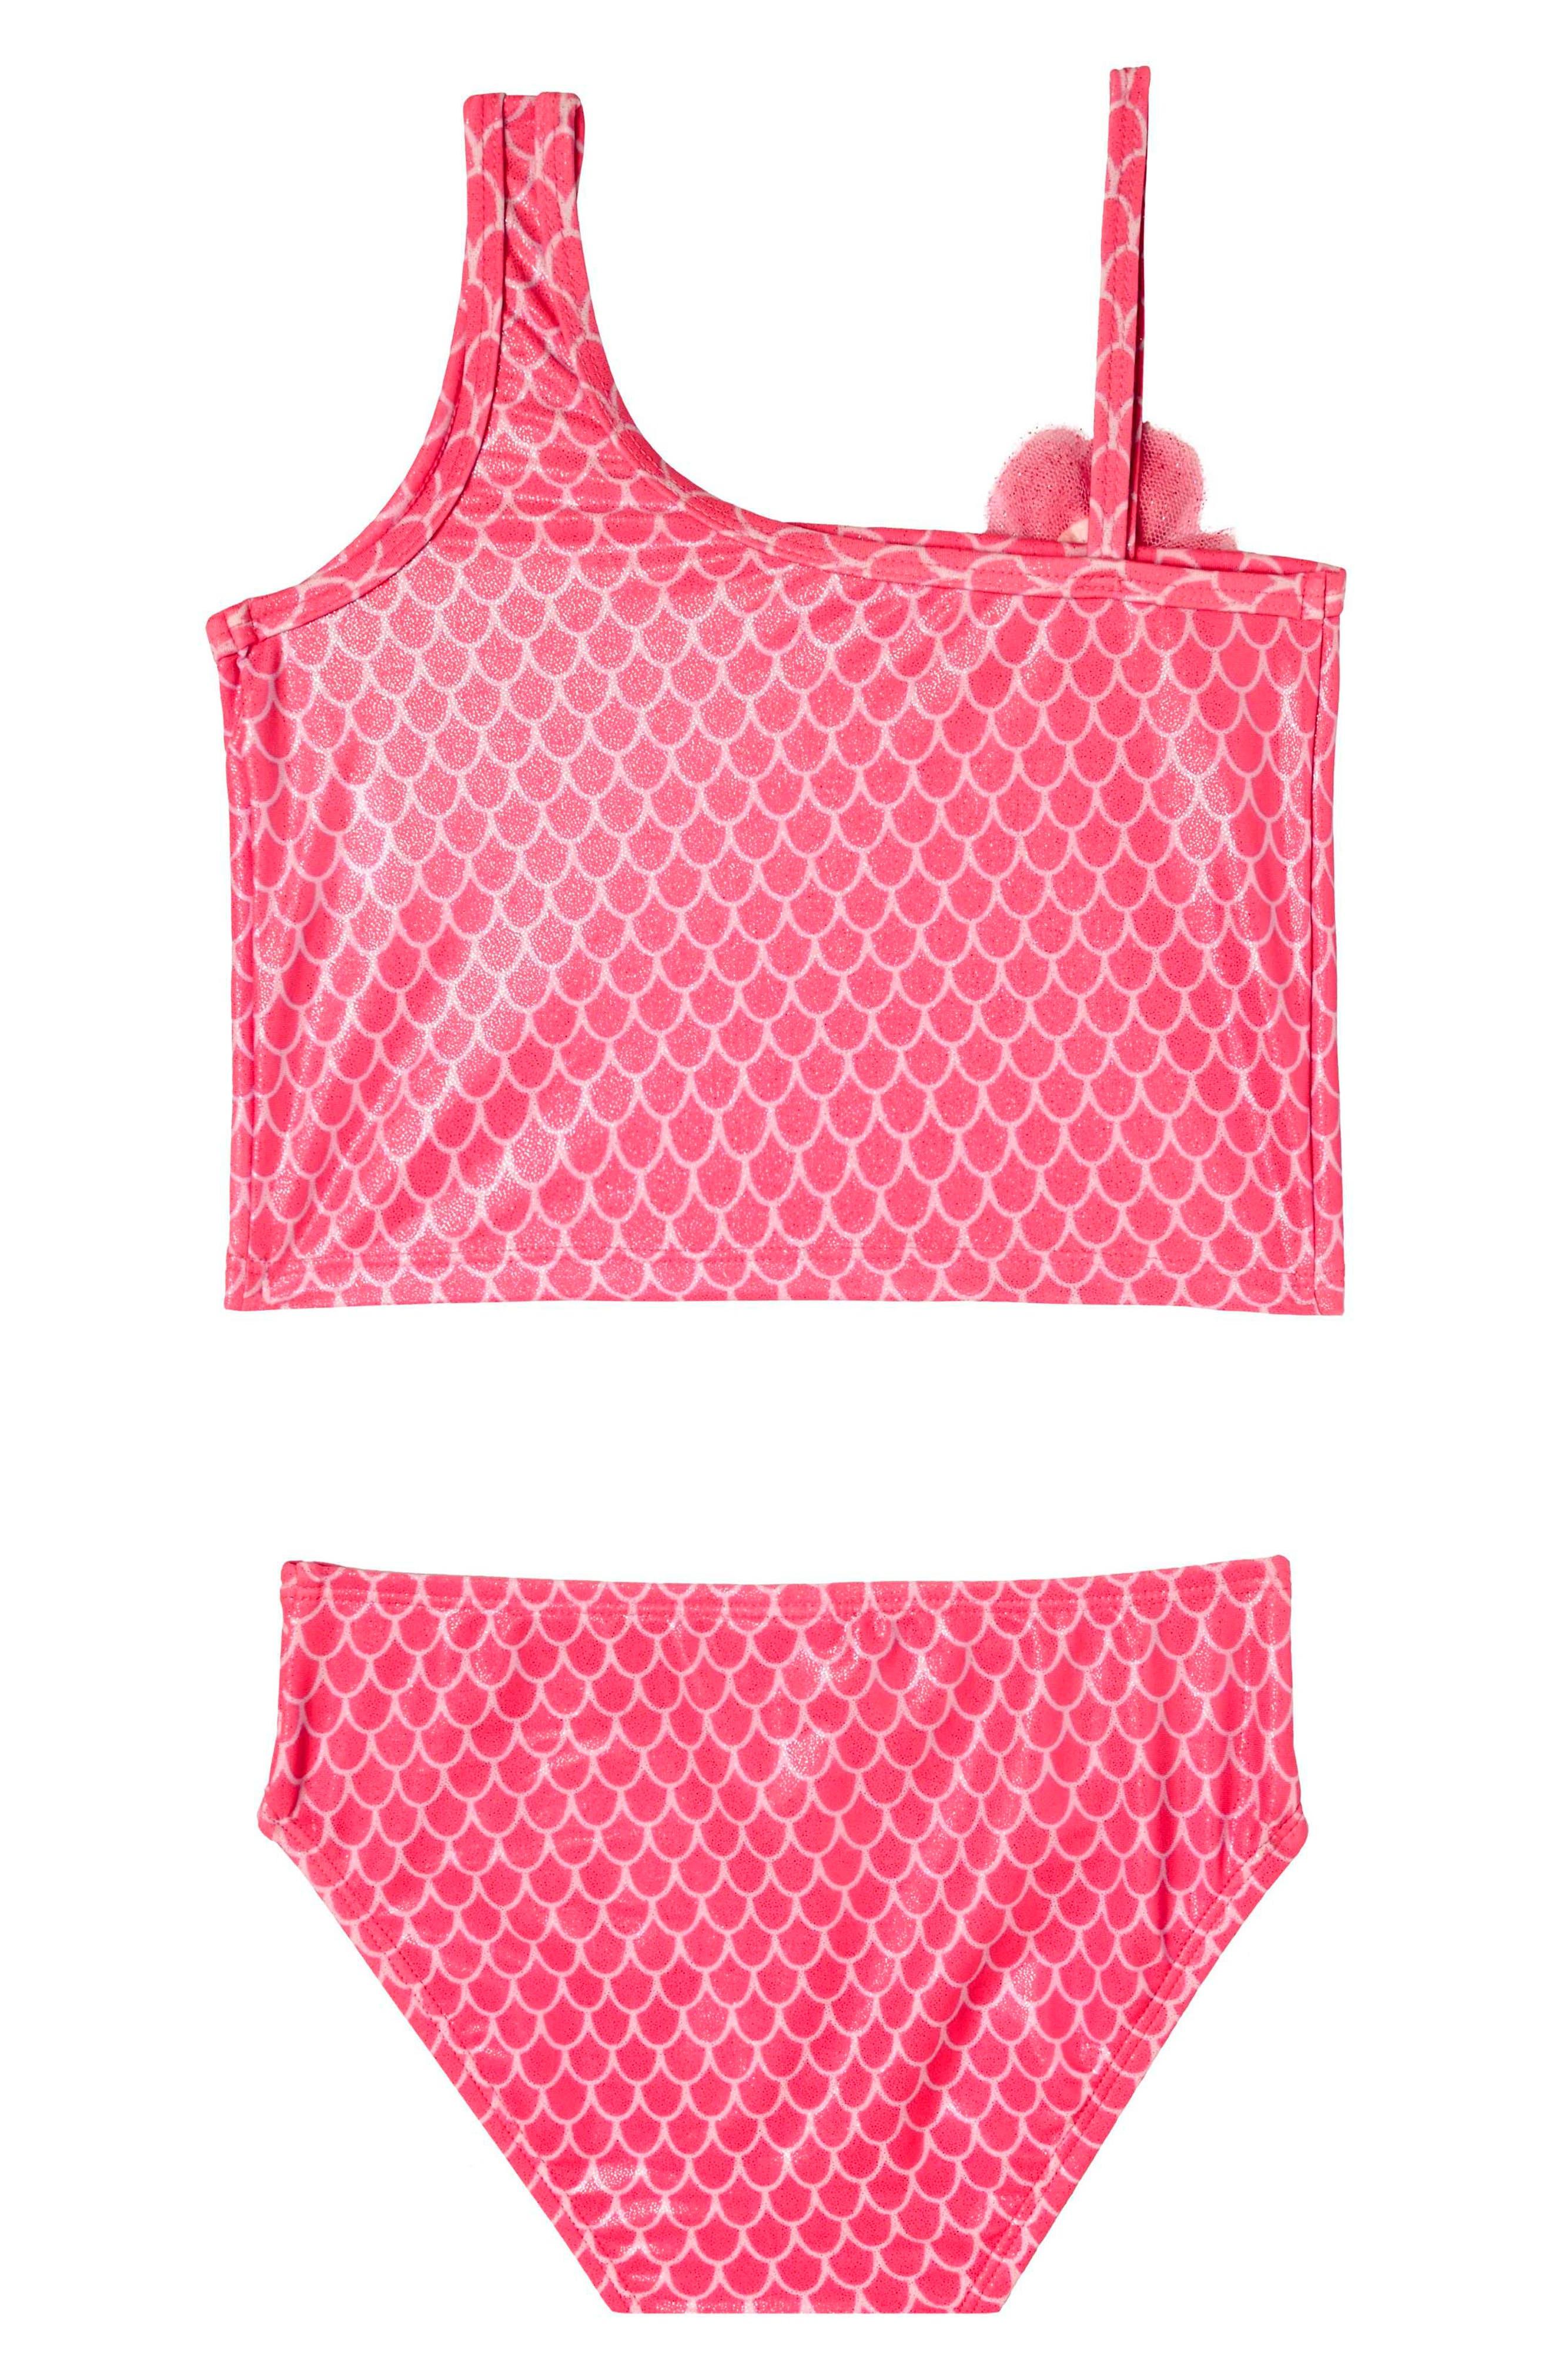 Mermaid Princess Two-Piece Tankini Swimsuit,                         Main,                         color, 650